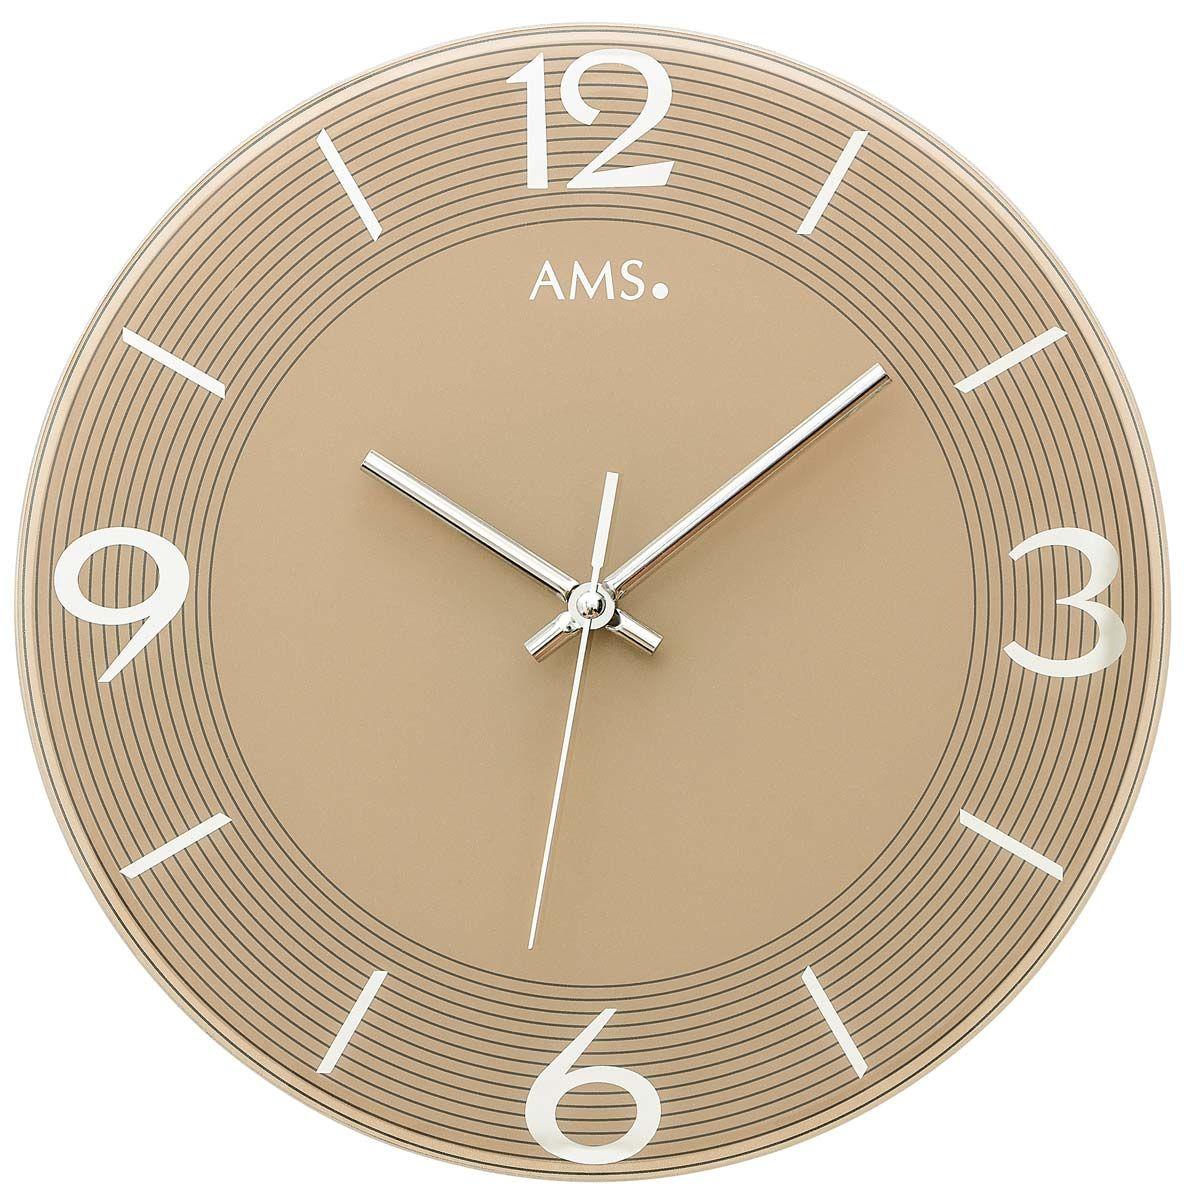 Nástěnné hodiny kulaté skleněné ams 9572 zlatá